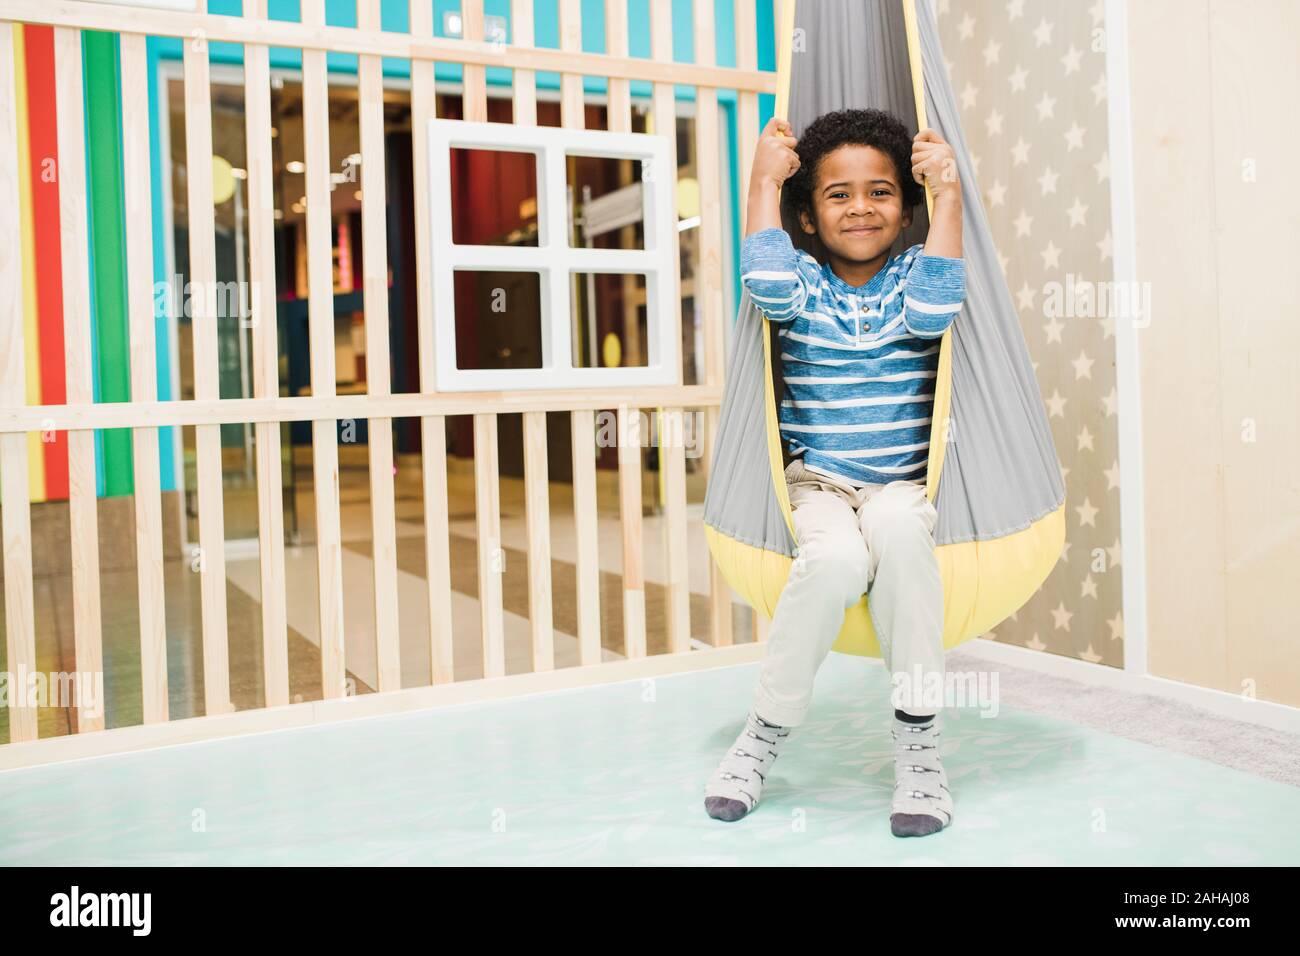 Happy little African boy dans casualwear assis dans un hamac suspendu au plafond Banque D'Images